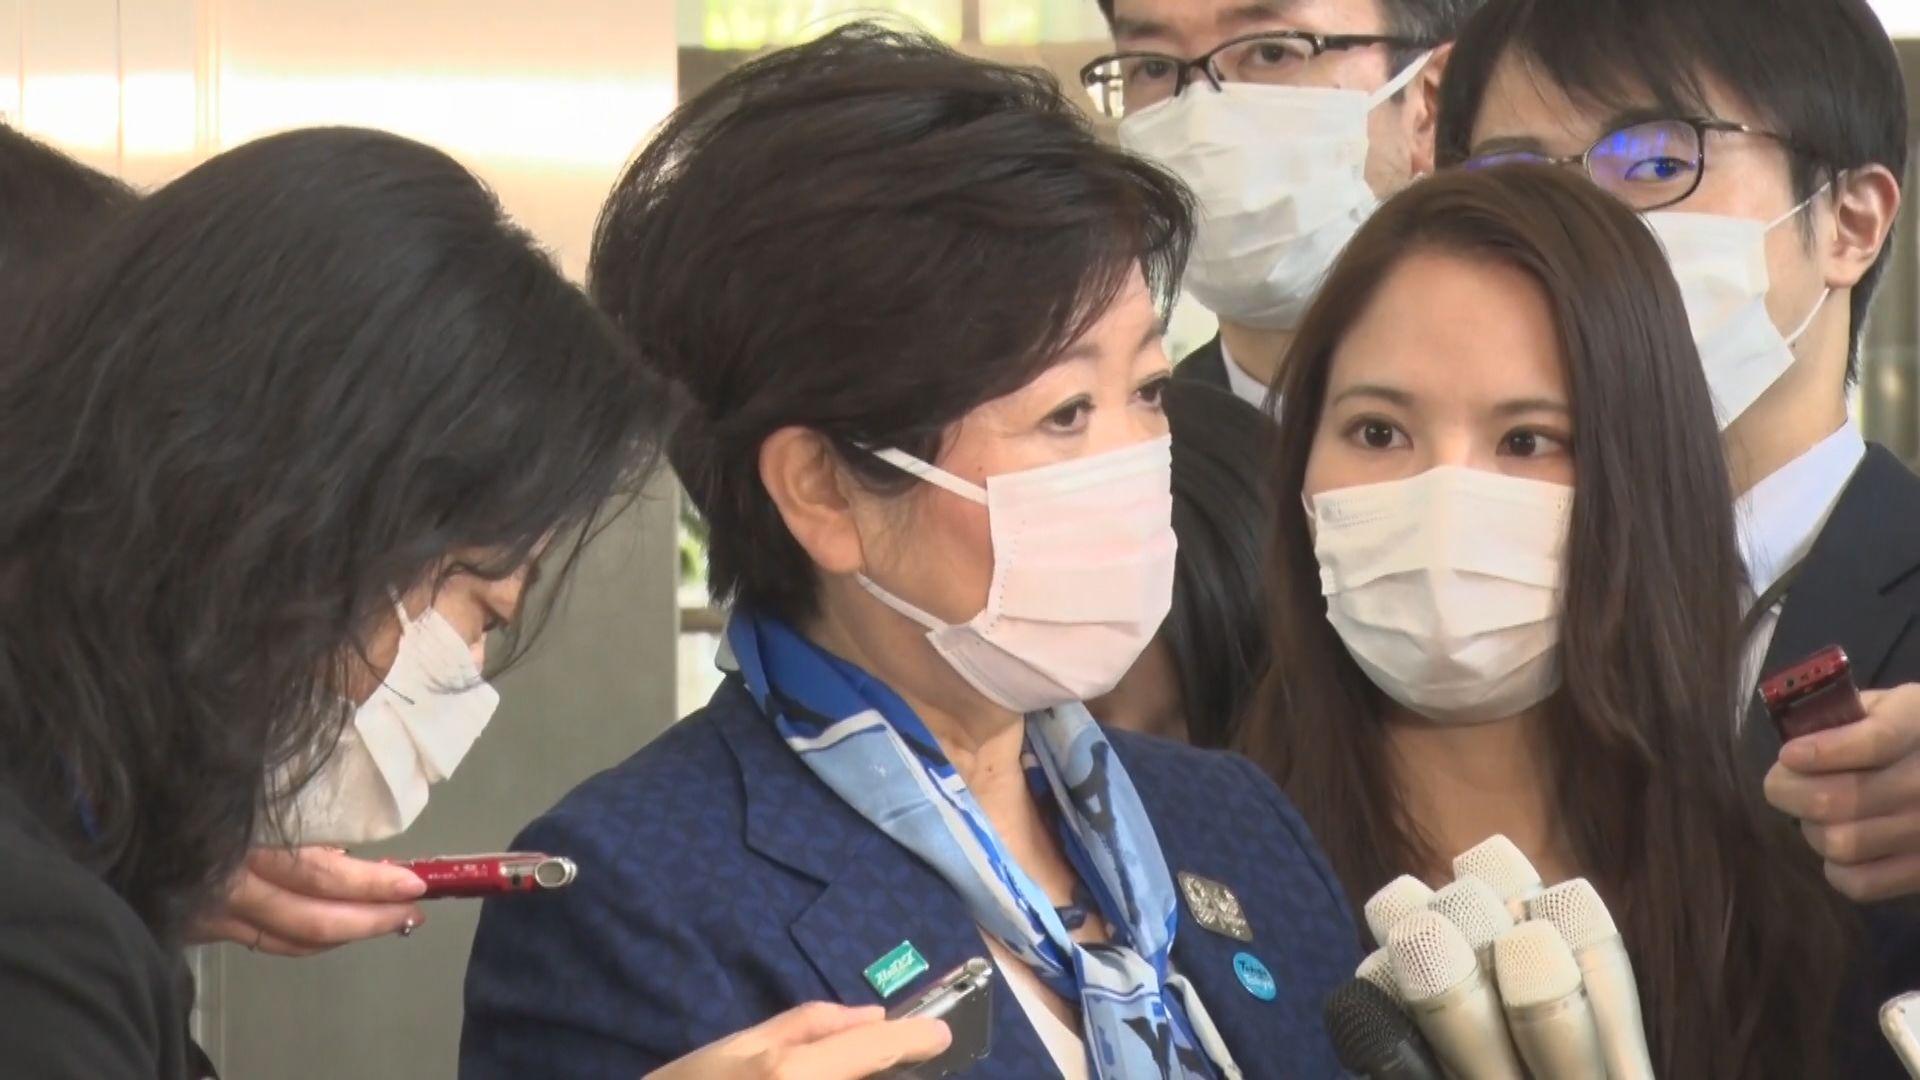 日本政府要求讓輕症患者居家或酒店隔離